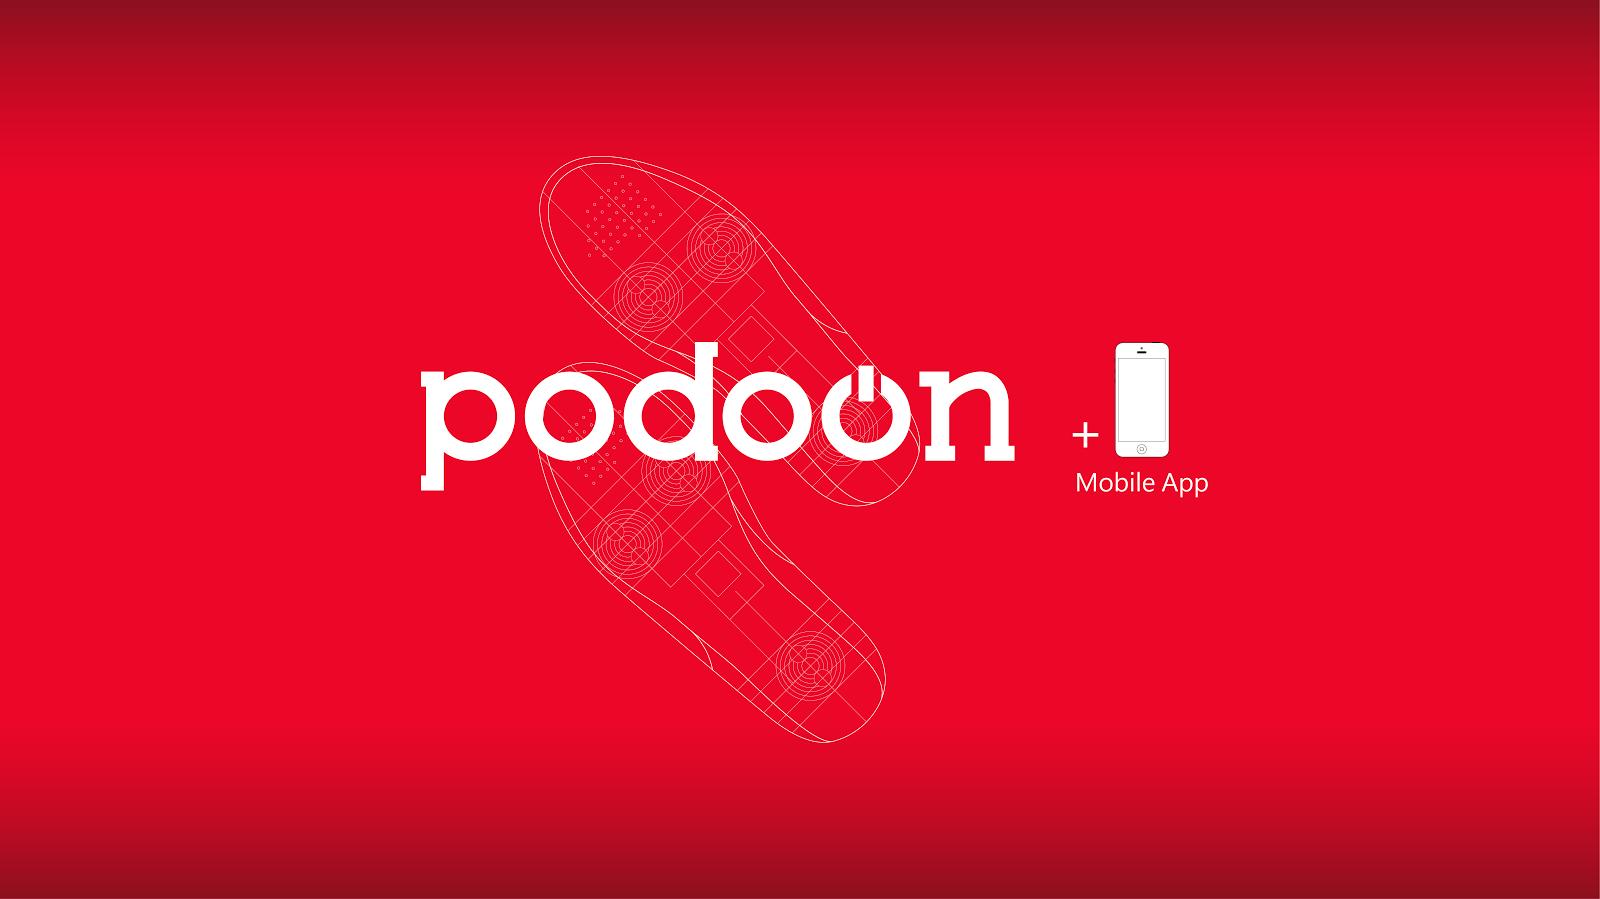 Podoon